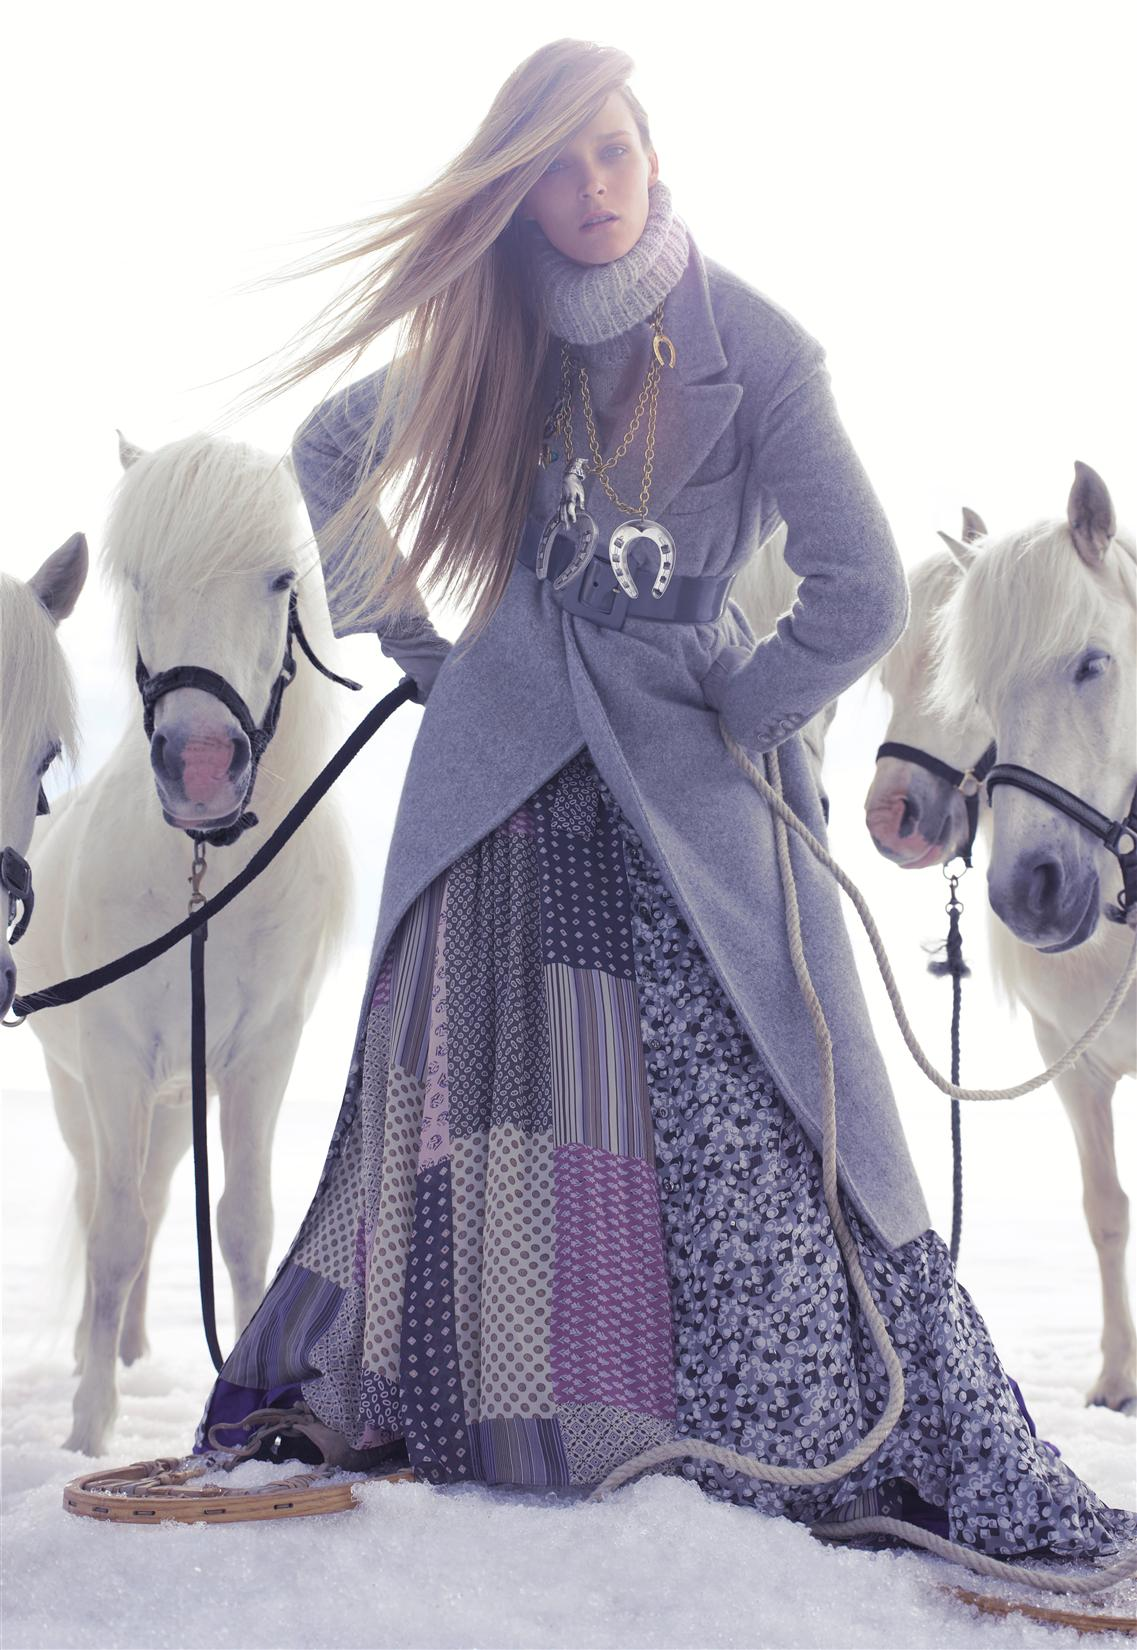 пальто, свитер, Ralph Lauren; платье, Etro; ремень, Yves Saint Laurent; колье, Véronique Leroy; перчатки, Dolce & Gabbana; сапоги, Manitobah Mukluks